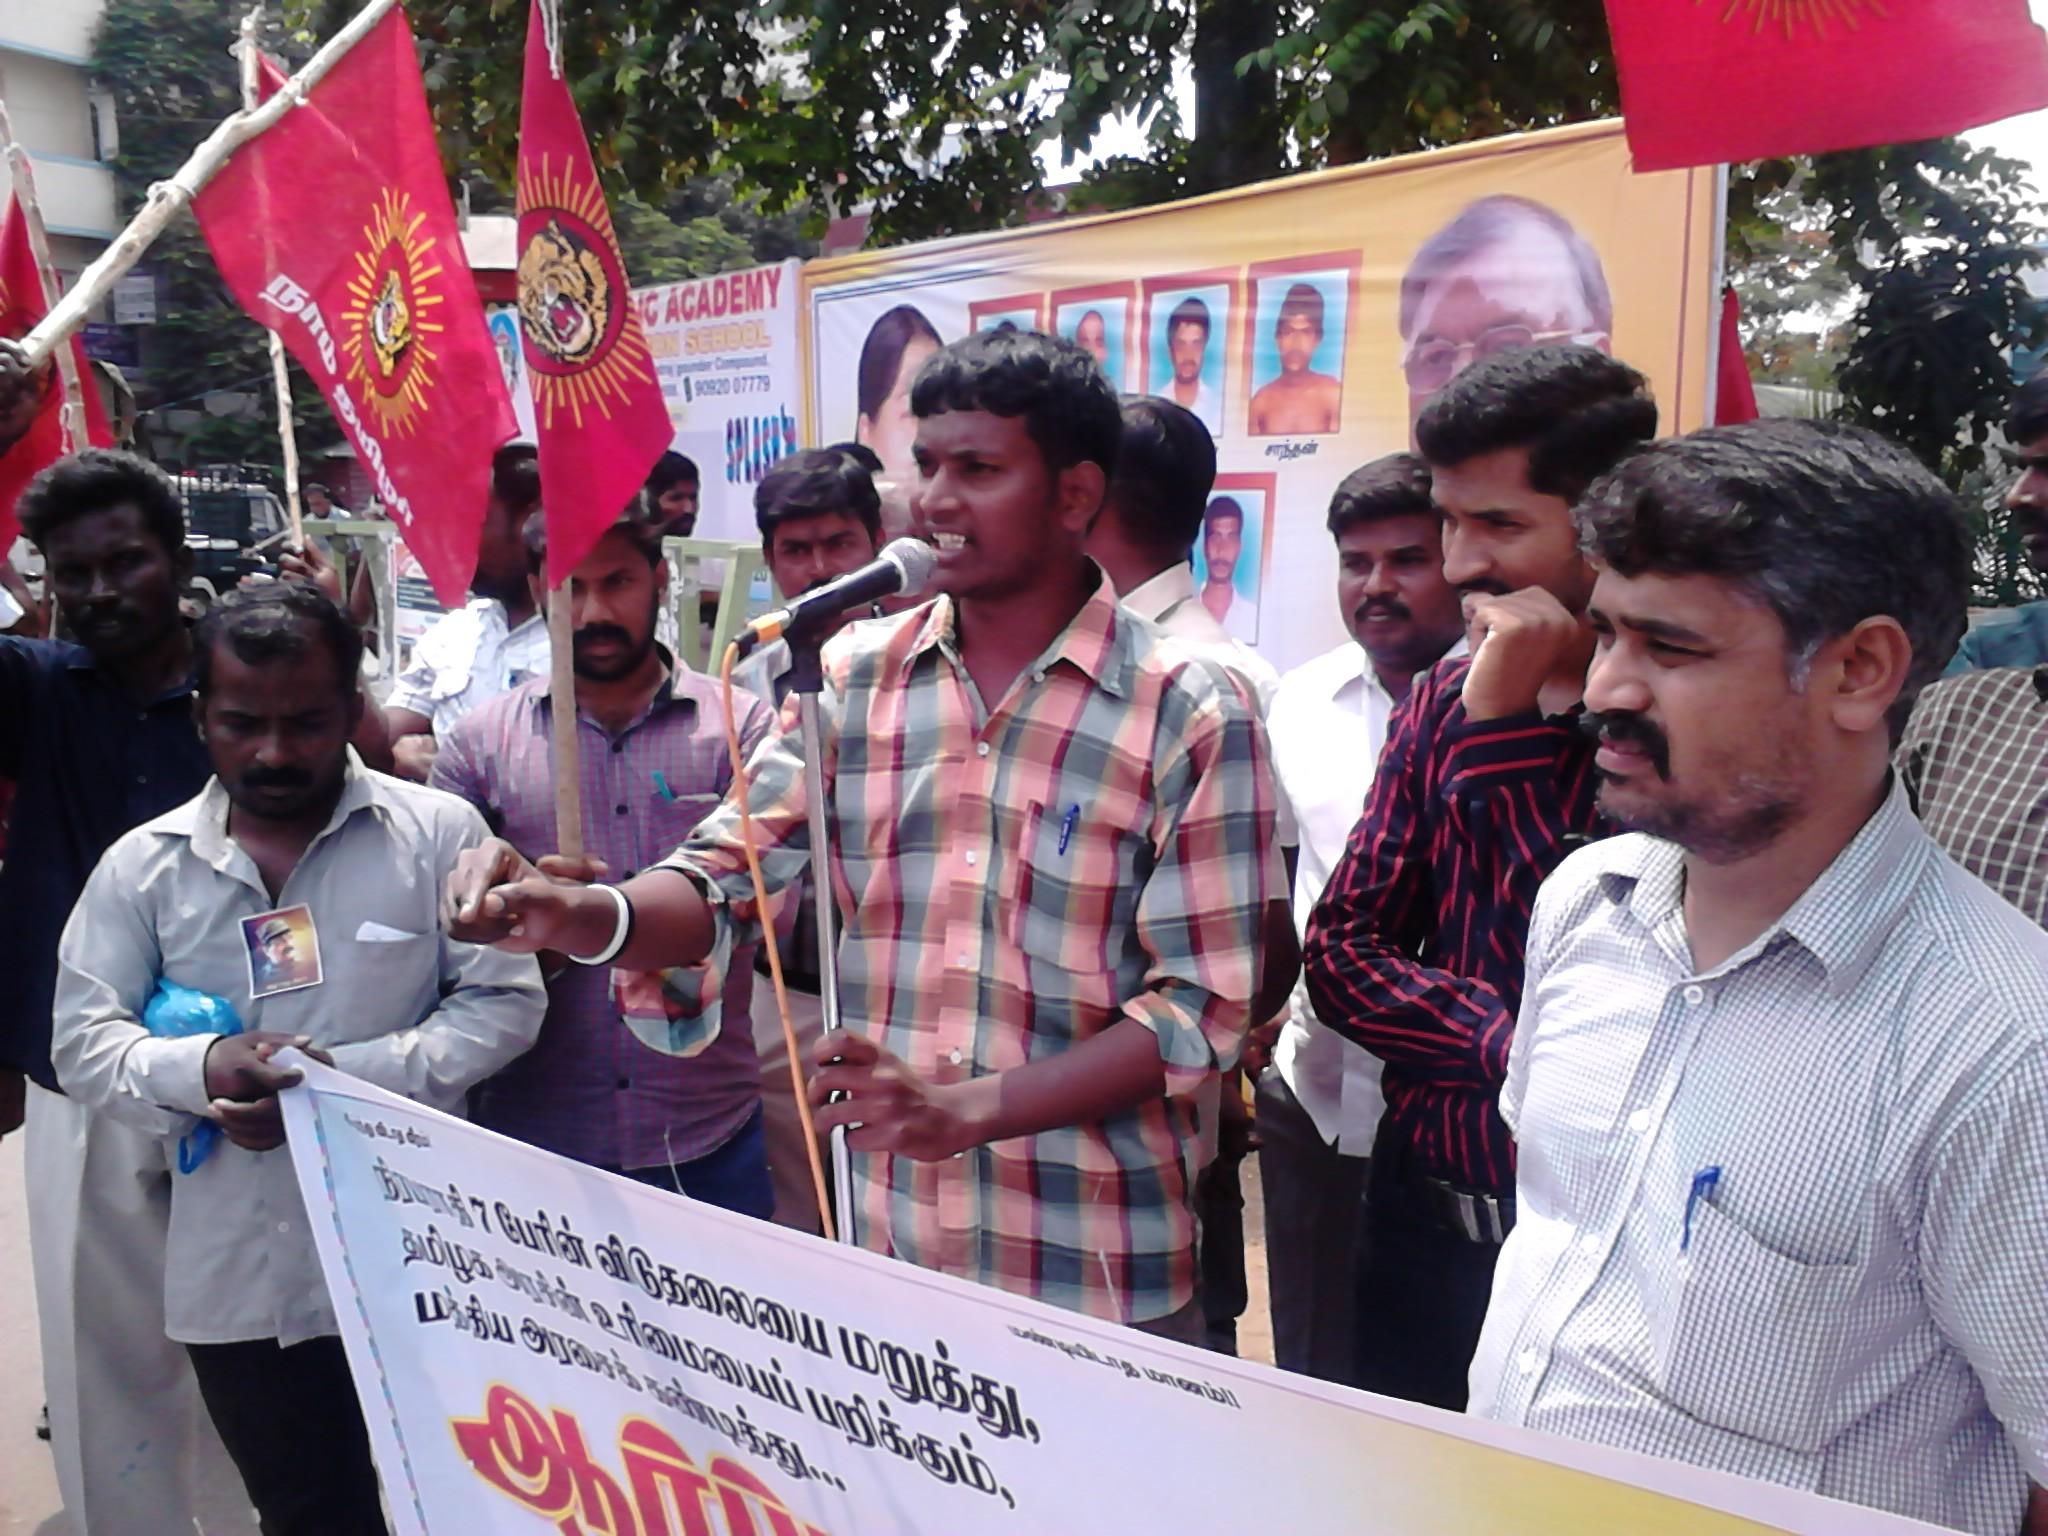 திருப்பூர் மாநகராட்சி முன் மத்திய அரசை கண்டித்து நடந்த ஆர்பாட்டம்! DSC 0042